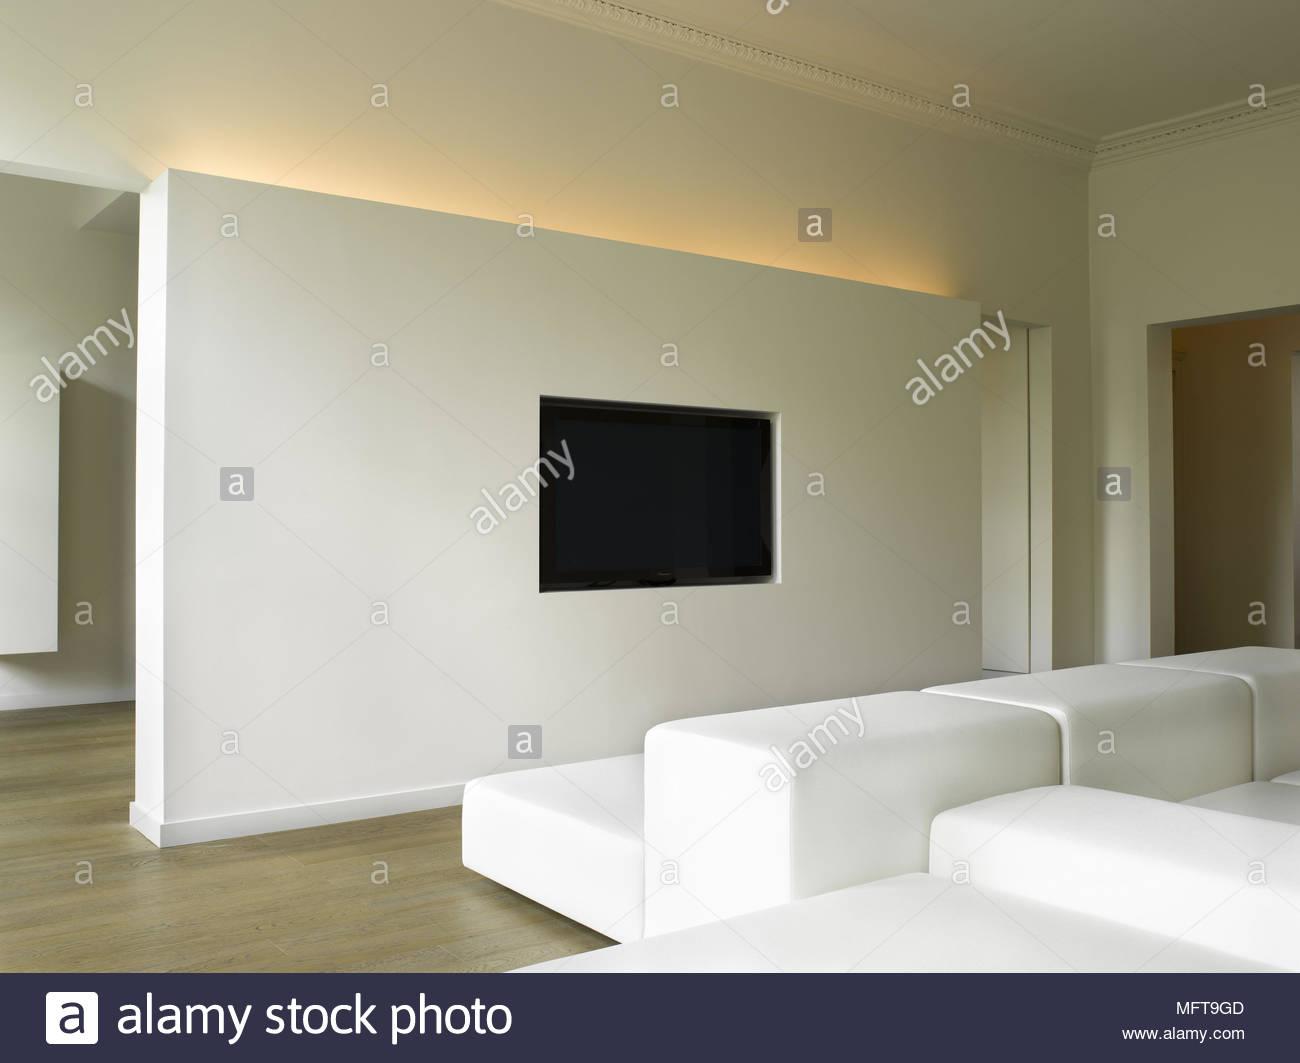 Polsterstühle vor Der an der Wand montierte Fernseher in moderne ...